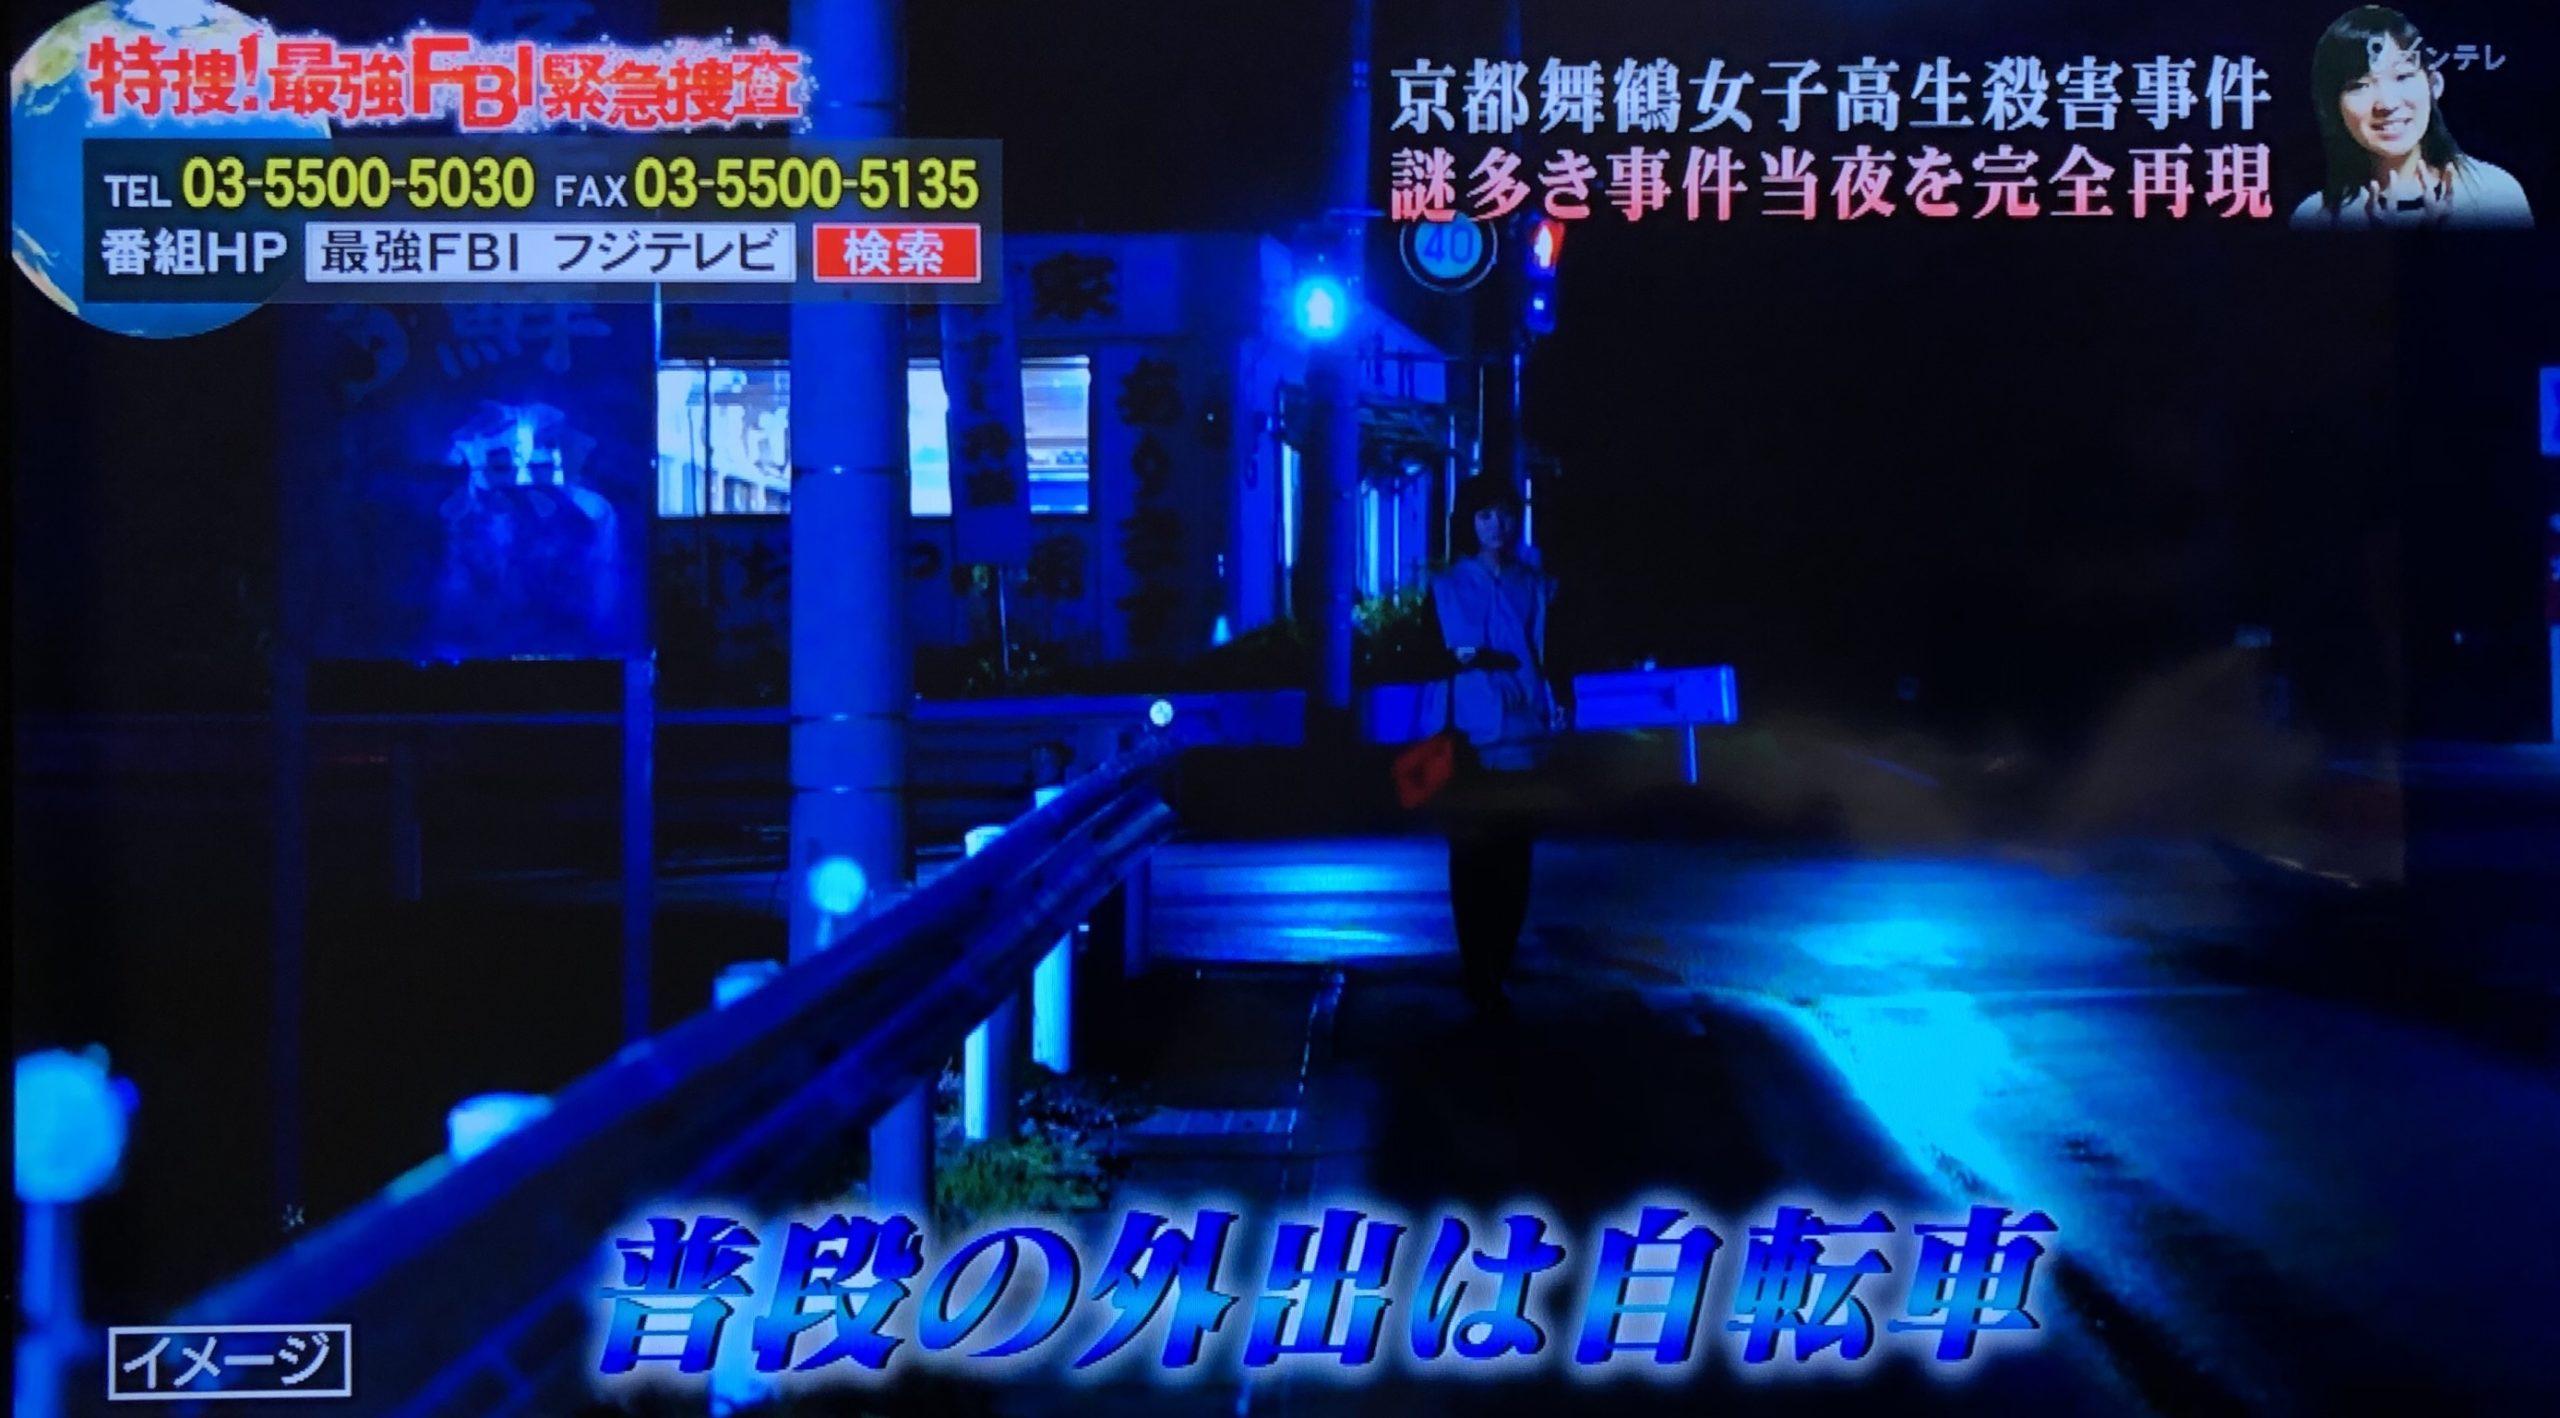 女子 殺害 事件 高生 藤沢